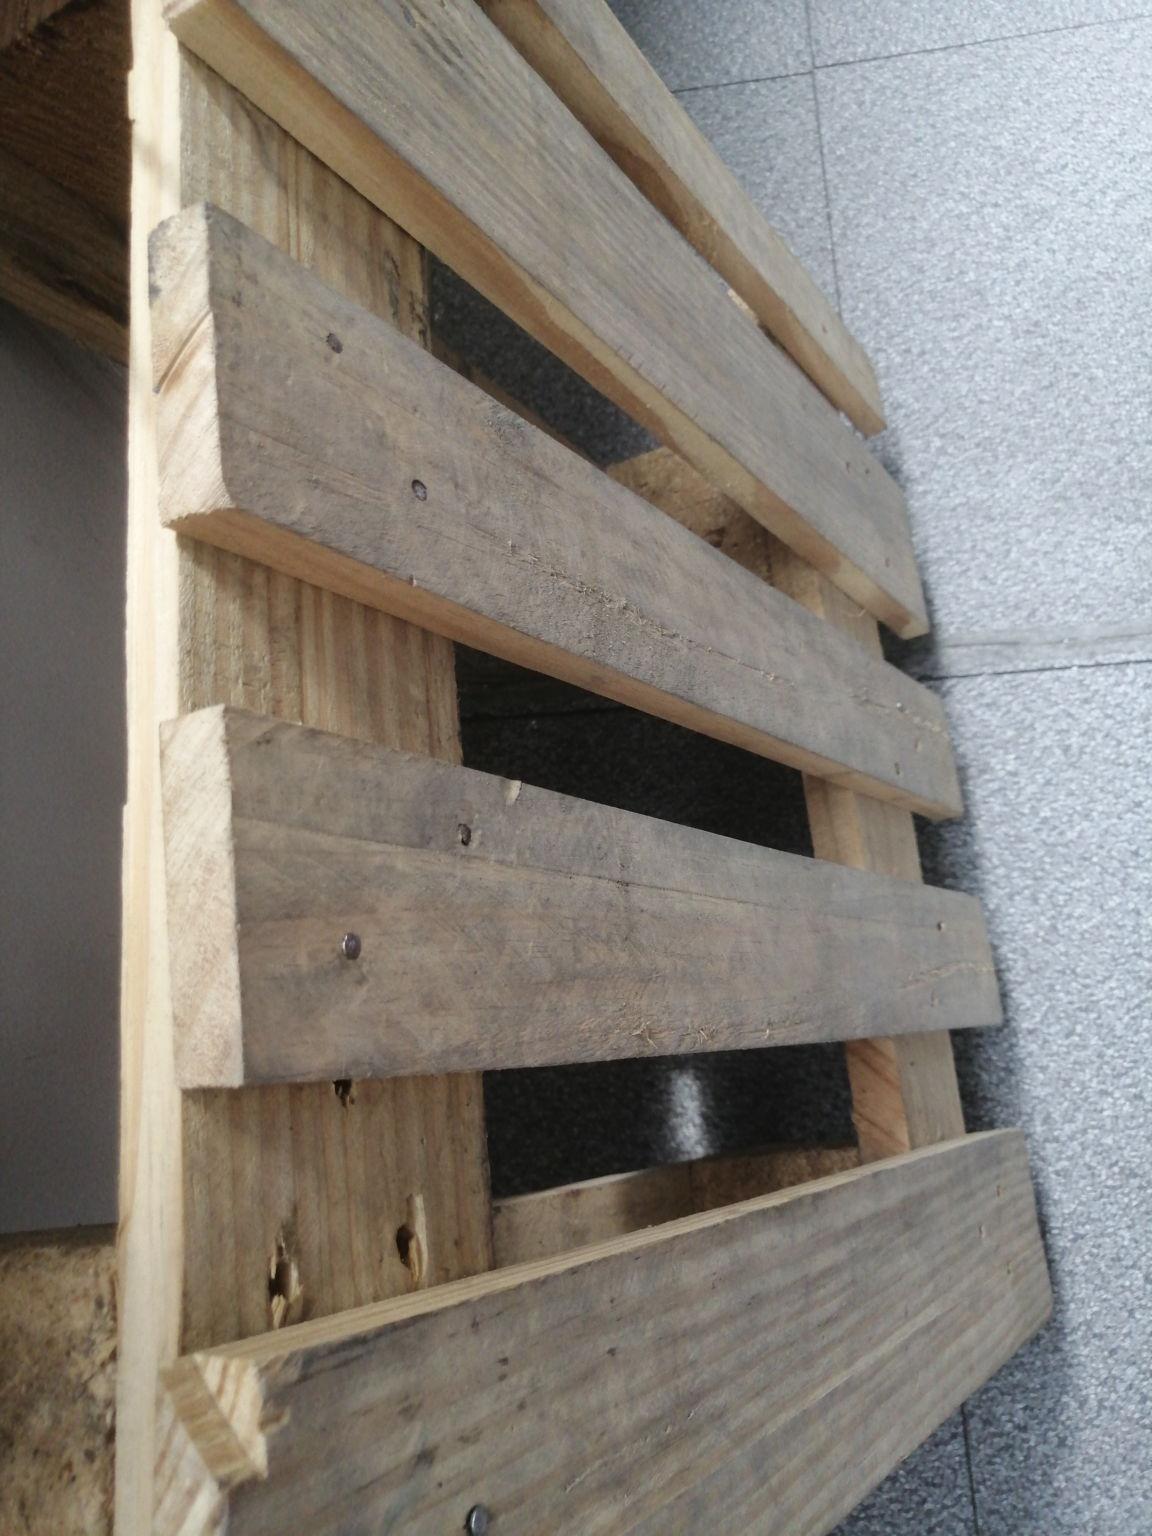 杭州求购简易木托盘图片杭州很多?,ℐ⒰??业??,⇩☃㏷'┿机构都大量需要